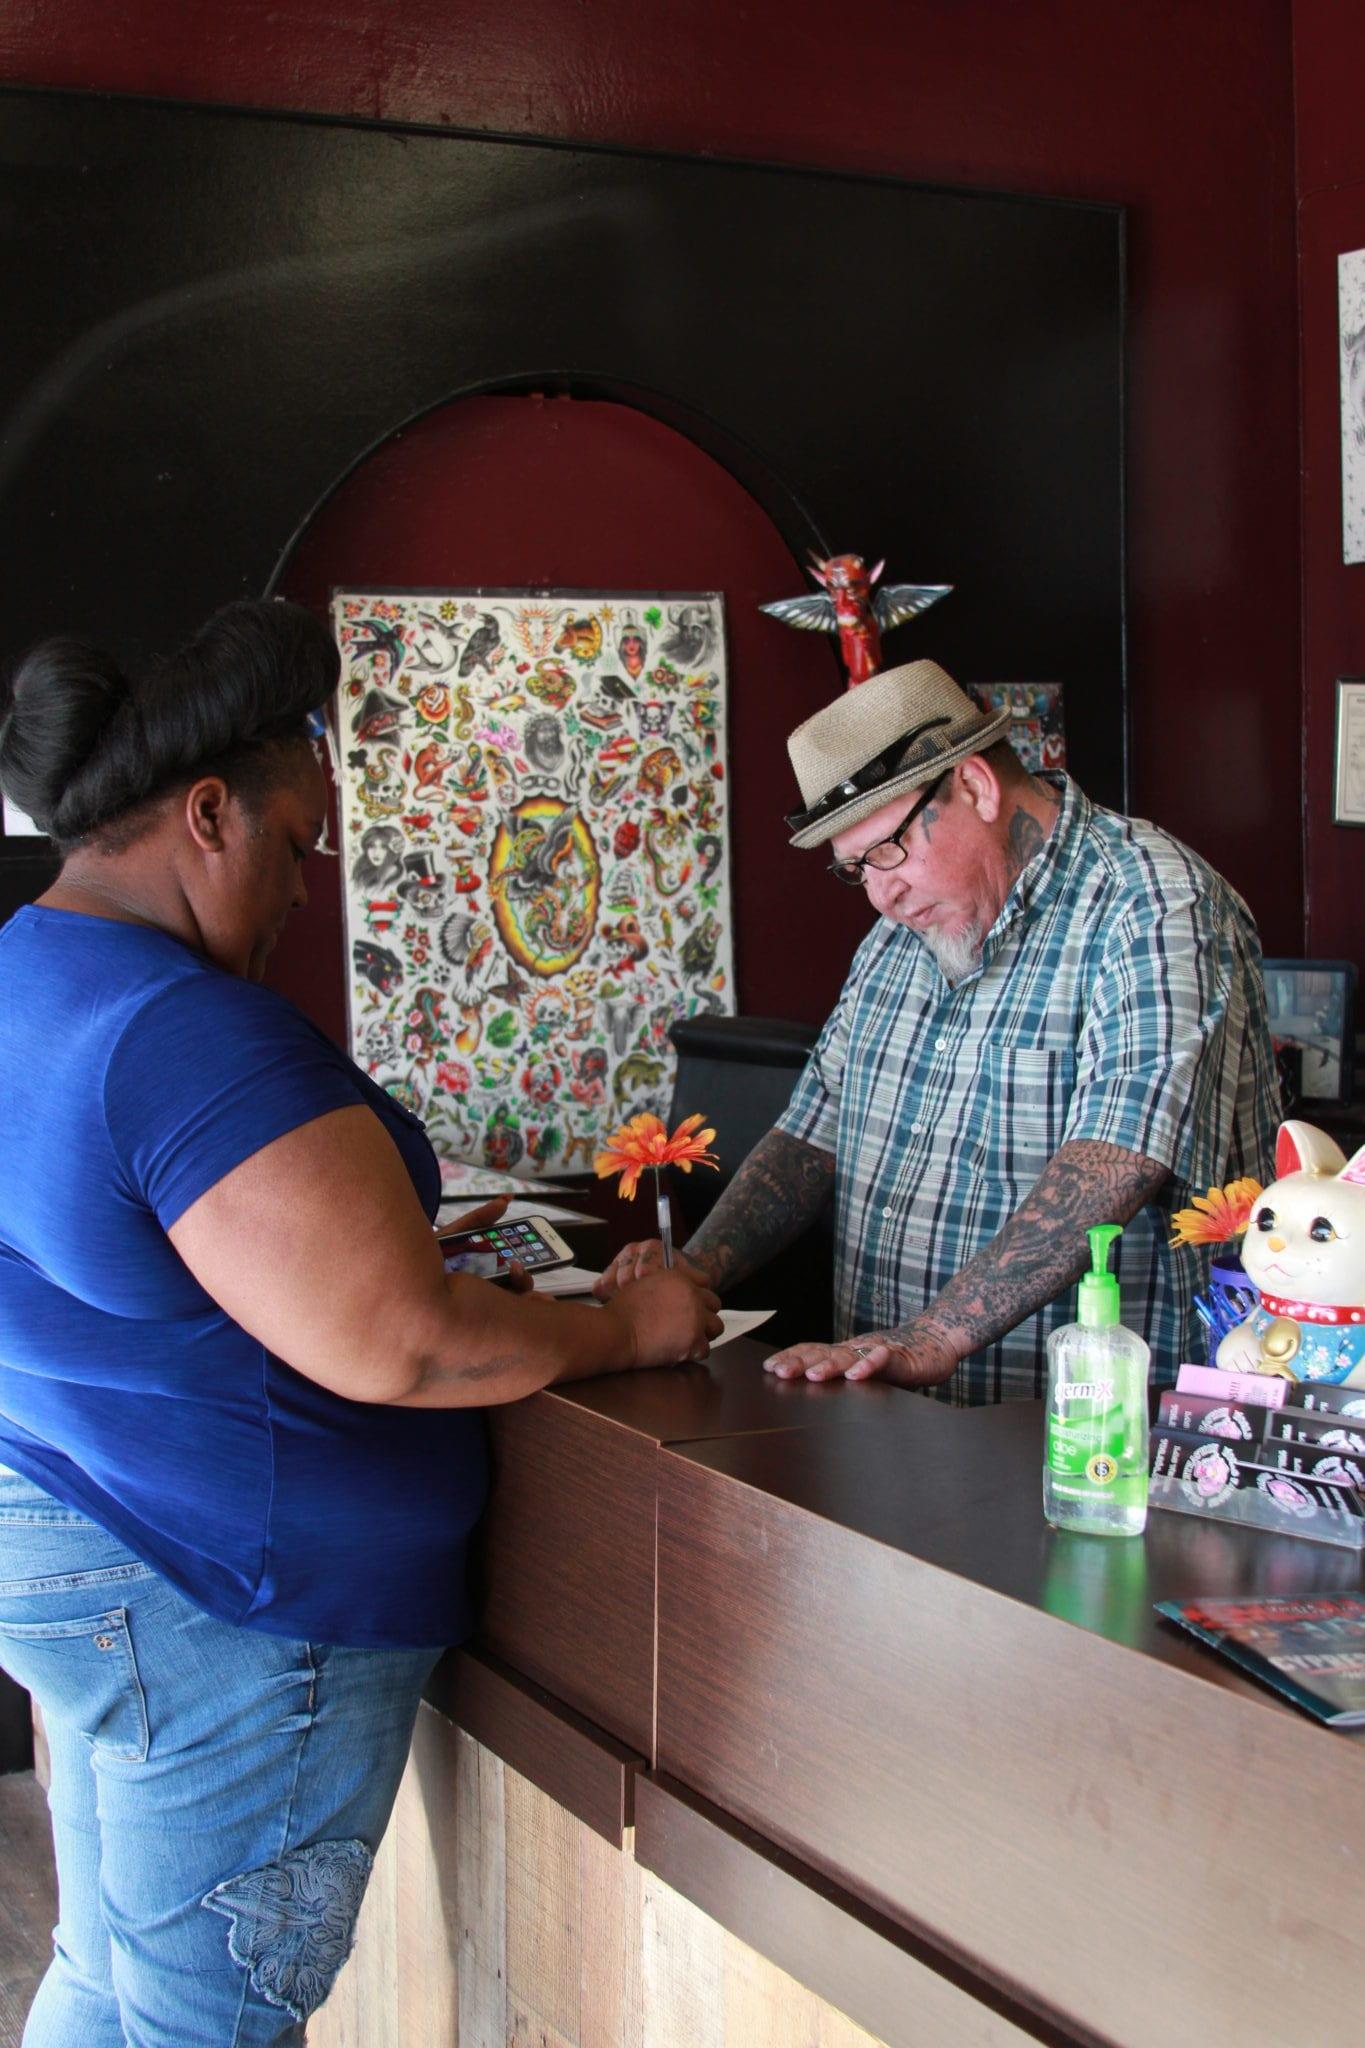 Koolsville Las Vegas Tiendas de Tatuajes Nevada